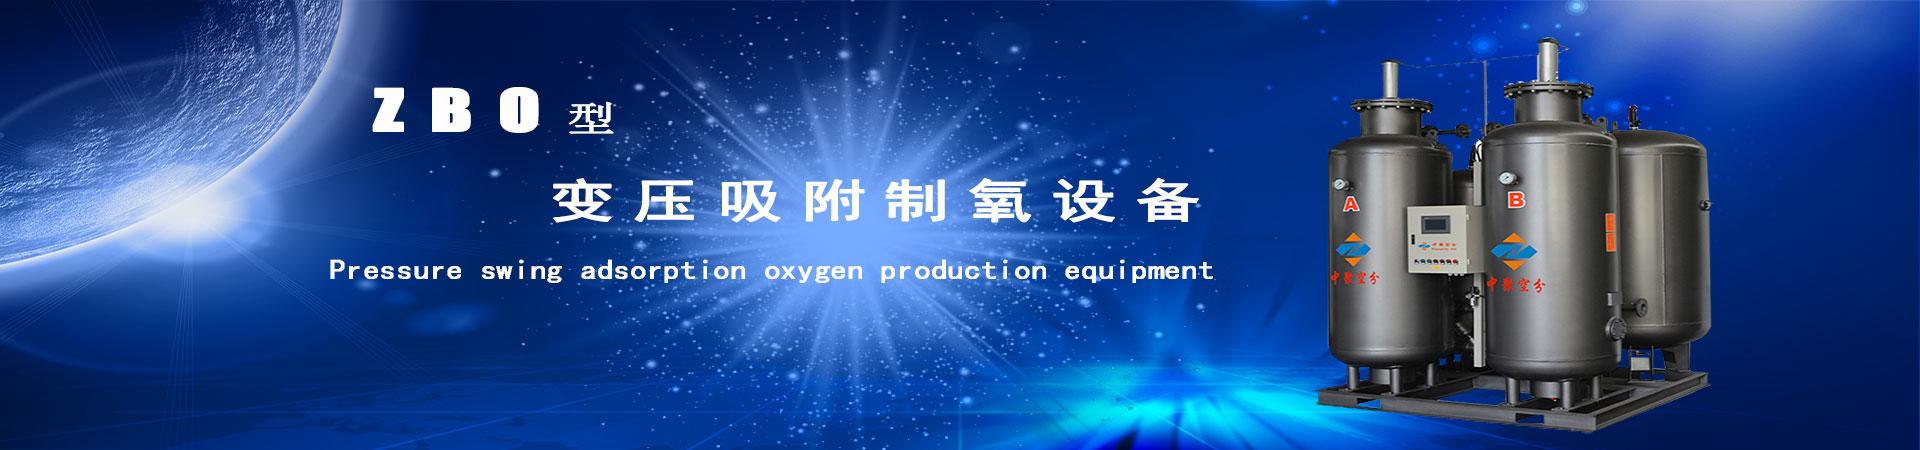 空分设备厂家,空分设备制造,空分设备生产